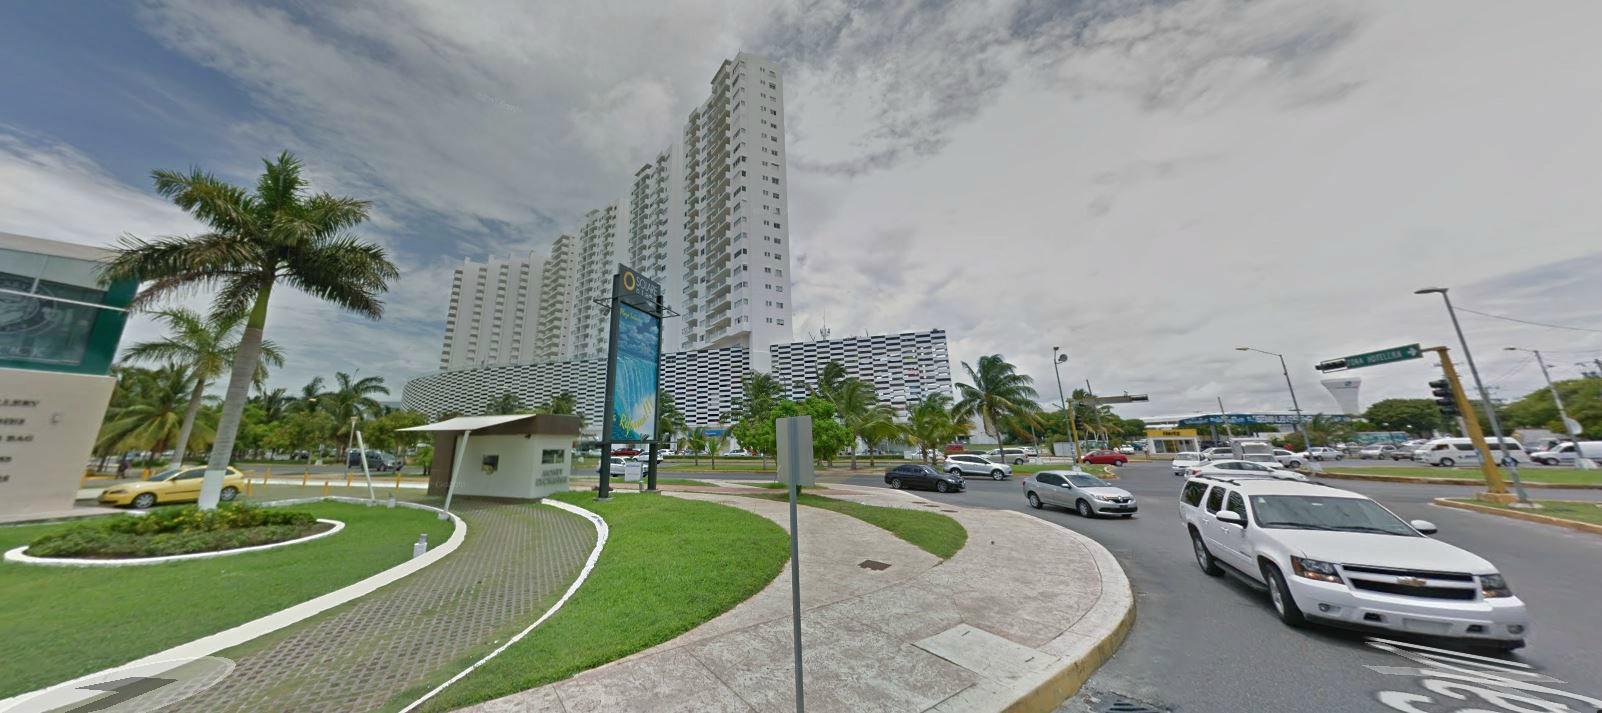 Departamentos en Malecón Américas, Cancún